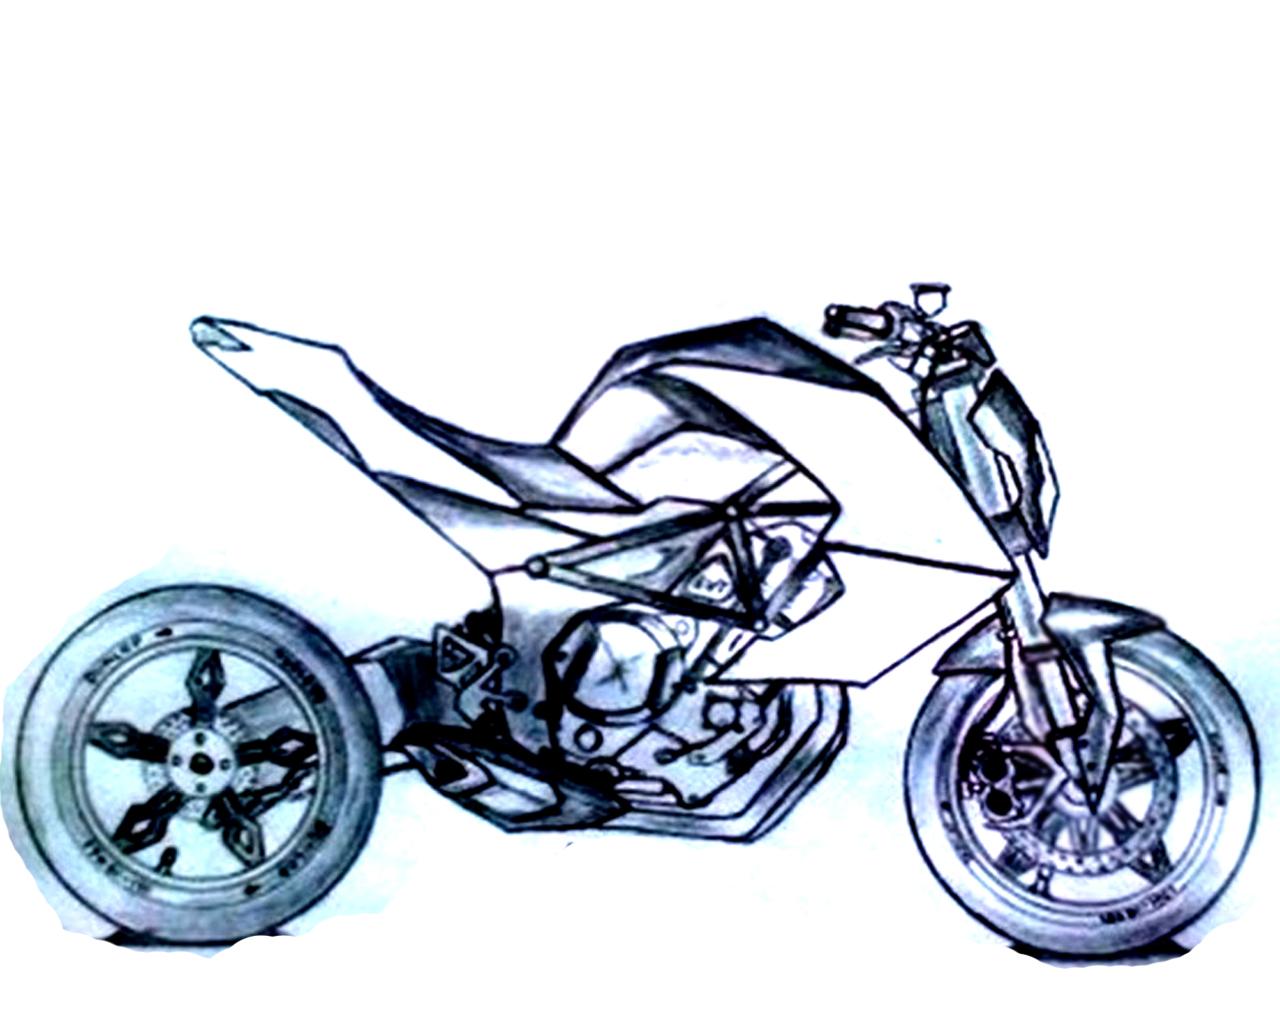 Gambar Drak Motor Ninja R 150 Sepeda Motor Jalanan Gambar